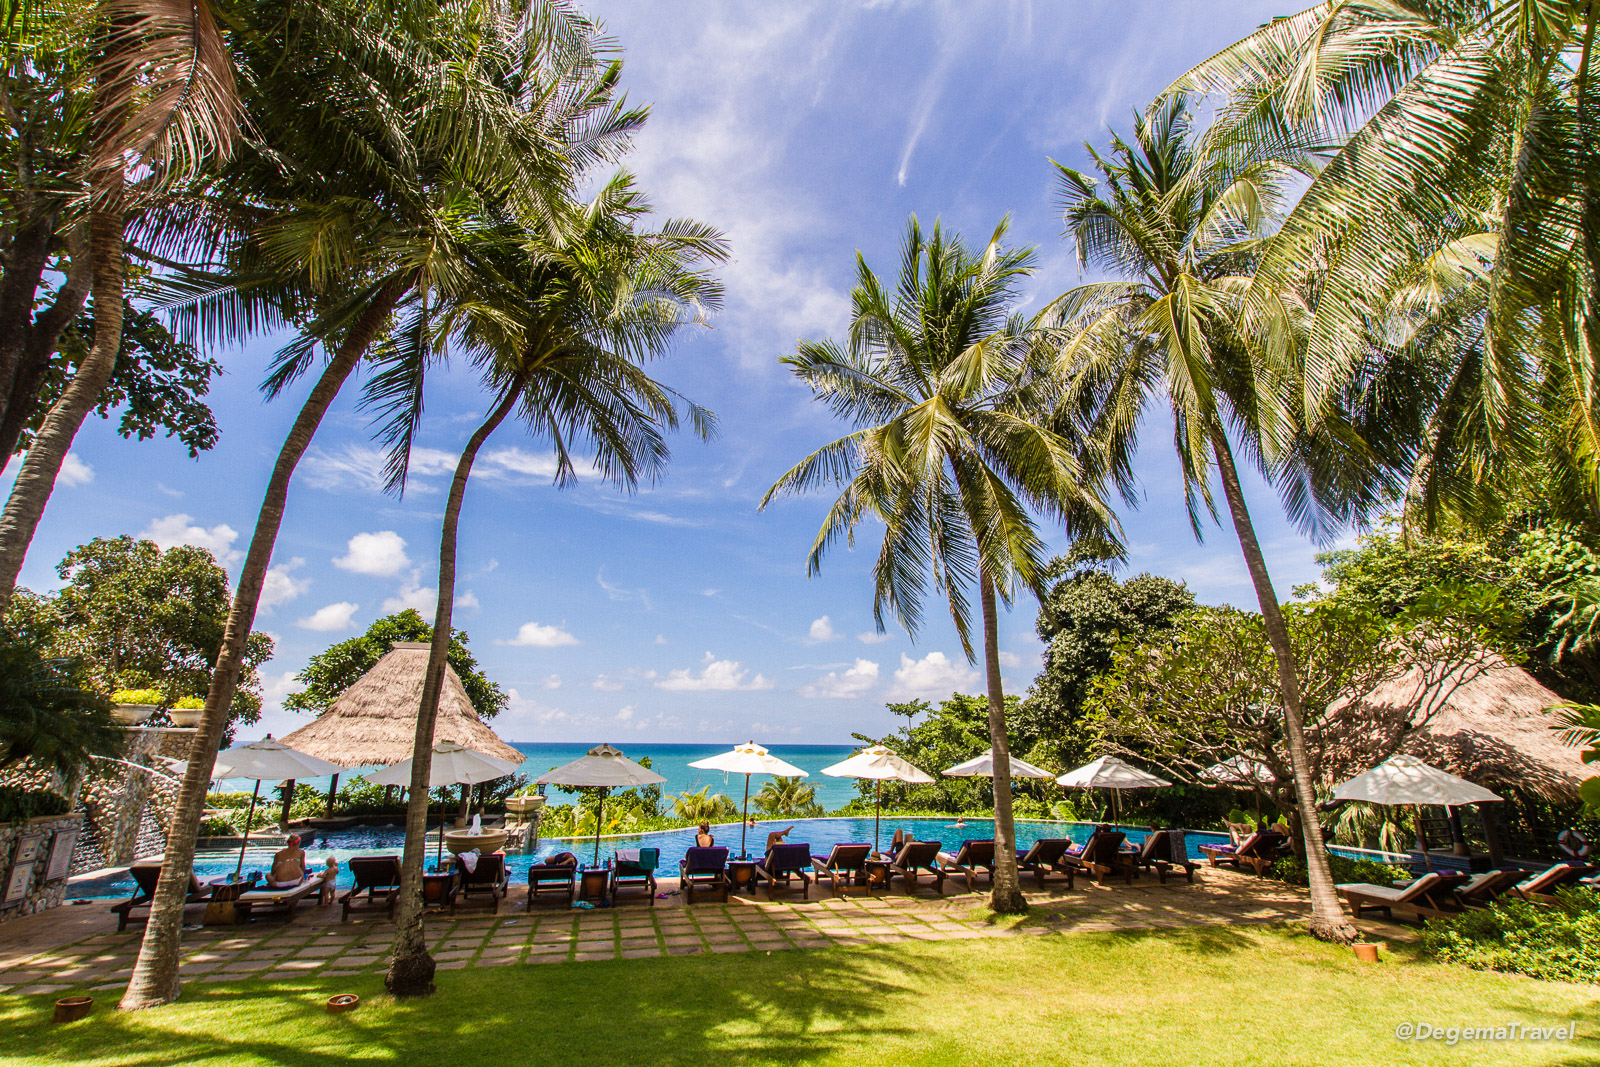 Lower swimming pool at Pimalai Resort & Spa on Koh Lanta, Thailand